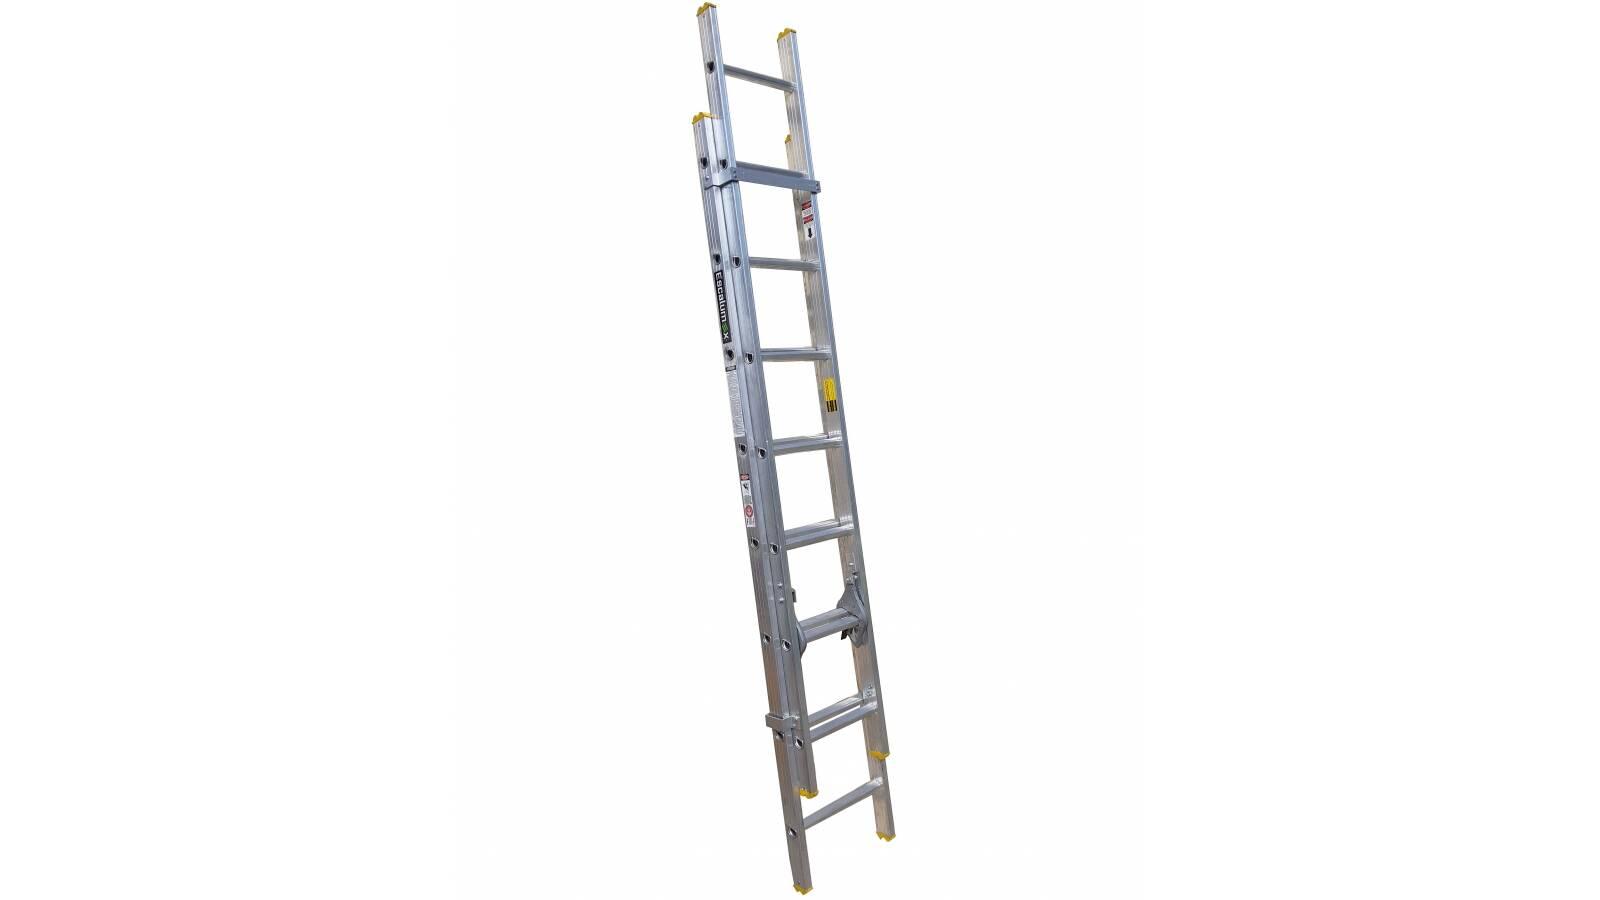 Escalera de extensión Escalumex 16 peldaños - Coliza